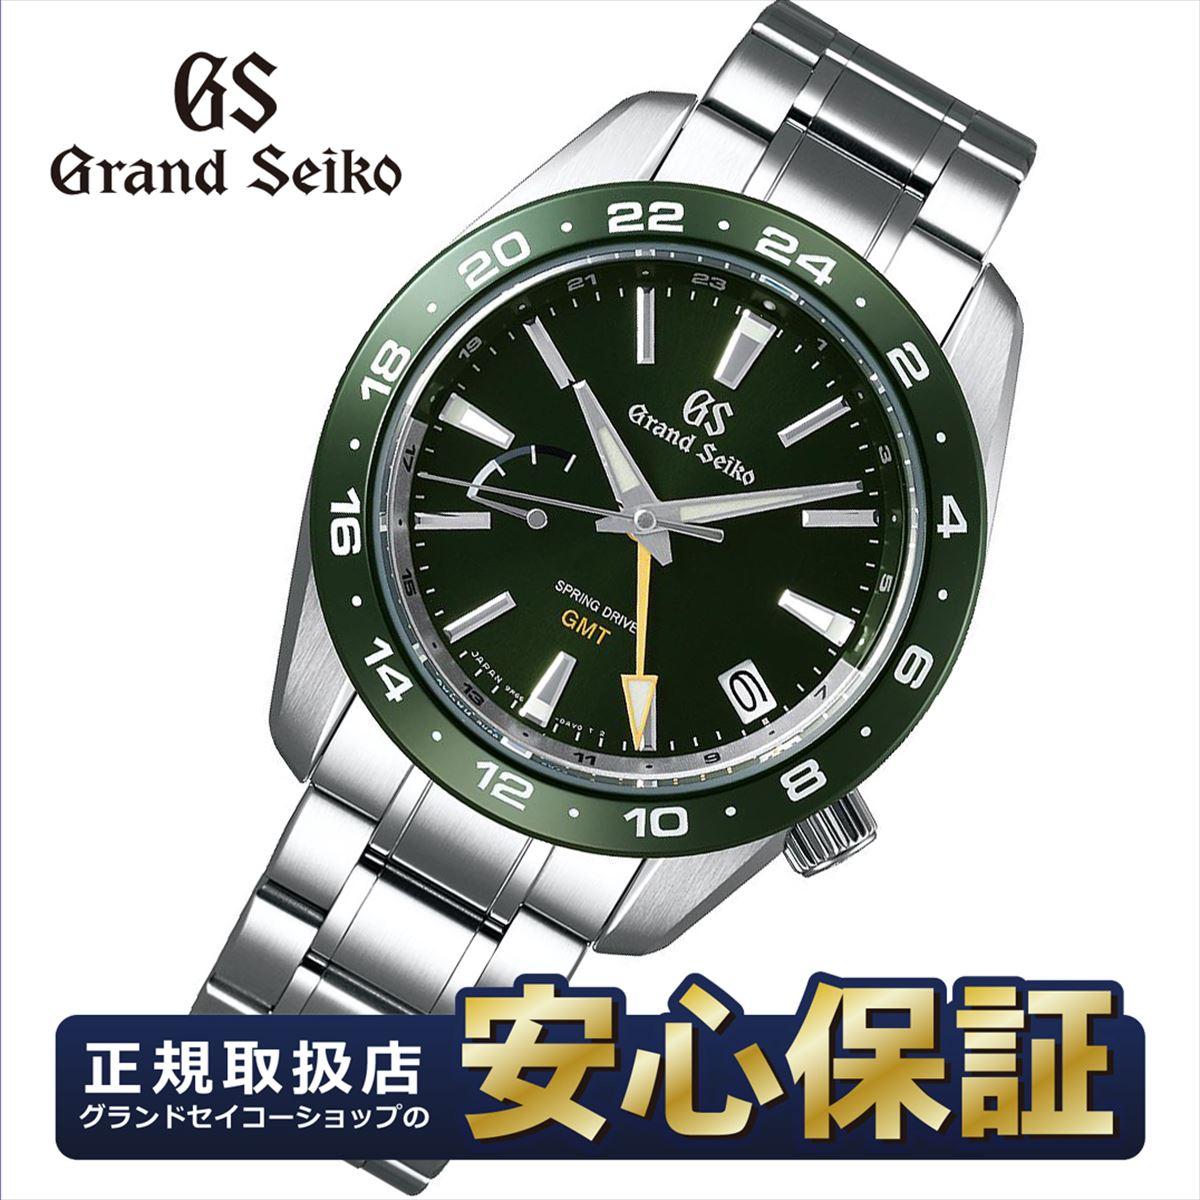 腕時計, メンズ腕時計 2,000OFF53.5232030GSSEIKO SBGE257 GMT GRAND SEIKO NLGS 072010spl